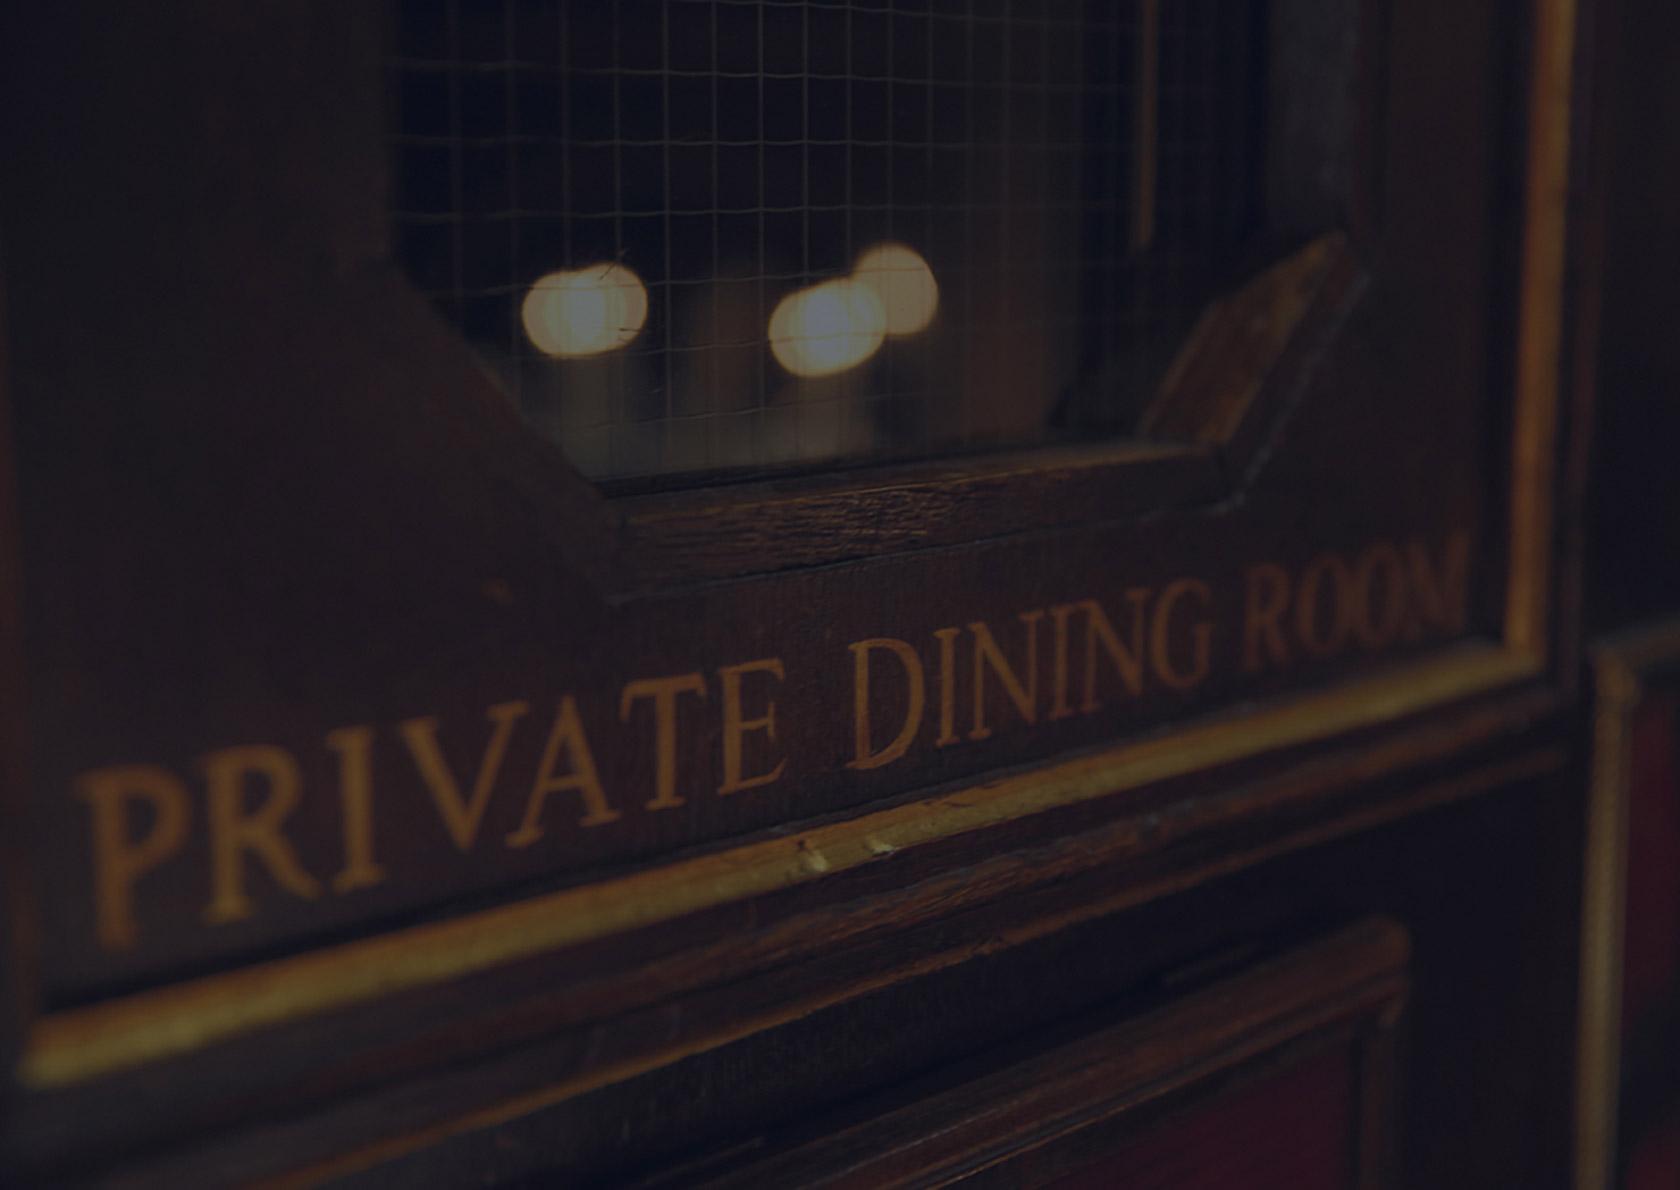 Privātā Istaba